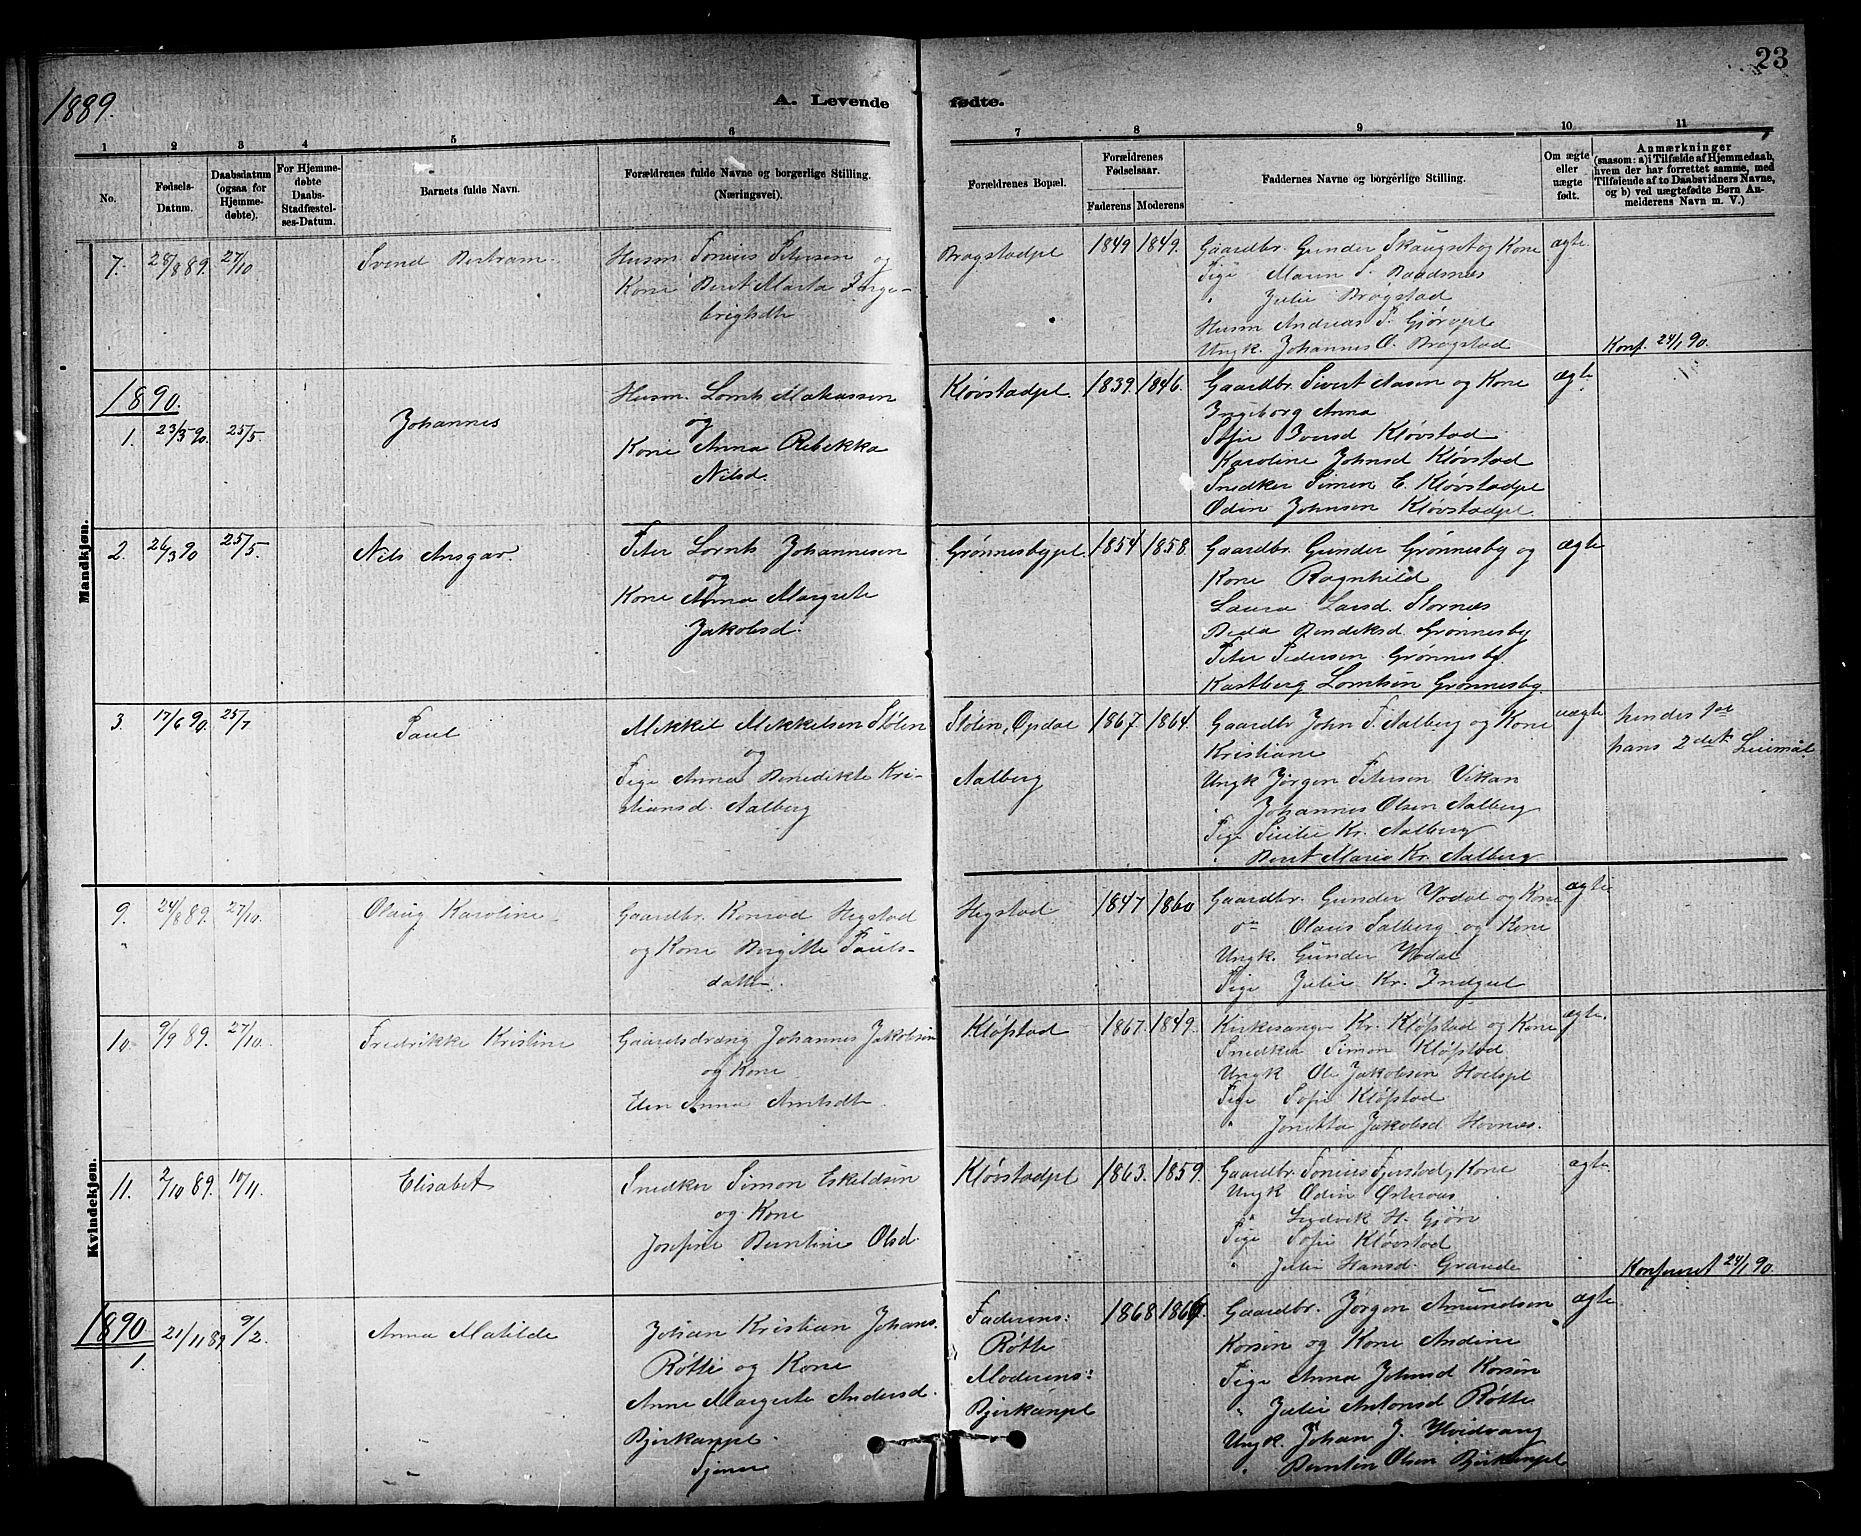 SAT, Ministerialprotokoller, klokkerbøker og fødselsregistre - Nord-Trøndelag, 732/L0318: Klokkerbok nr. 732C02, 1881-1911, s. 23